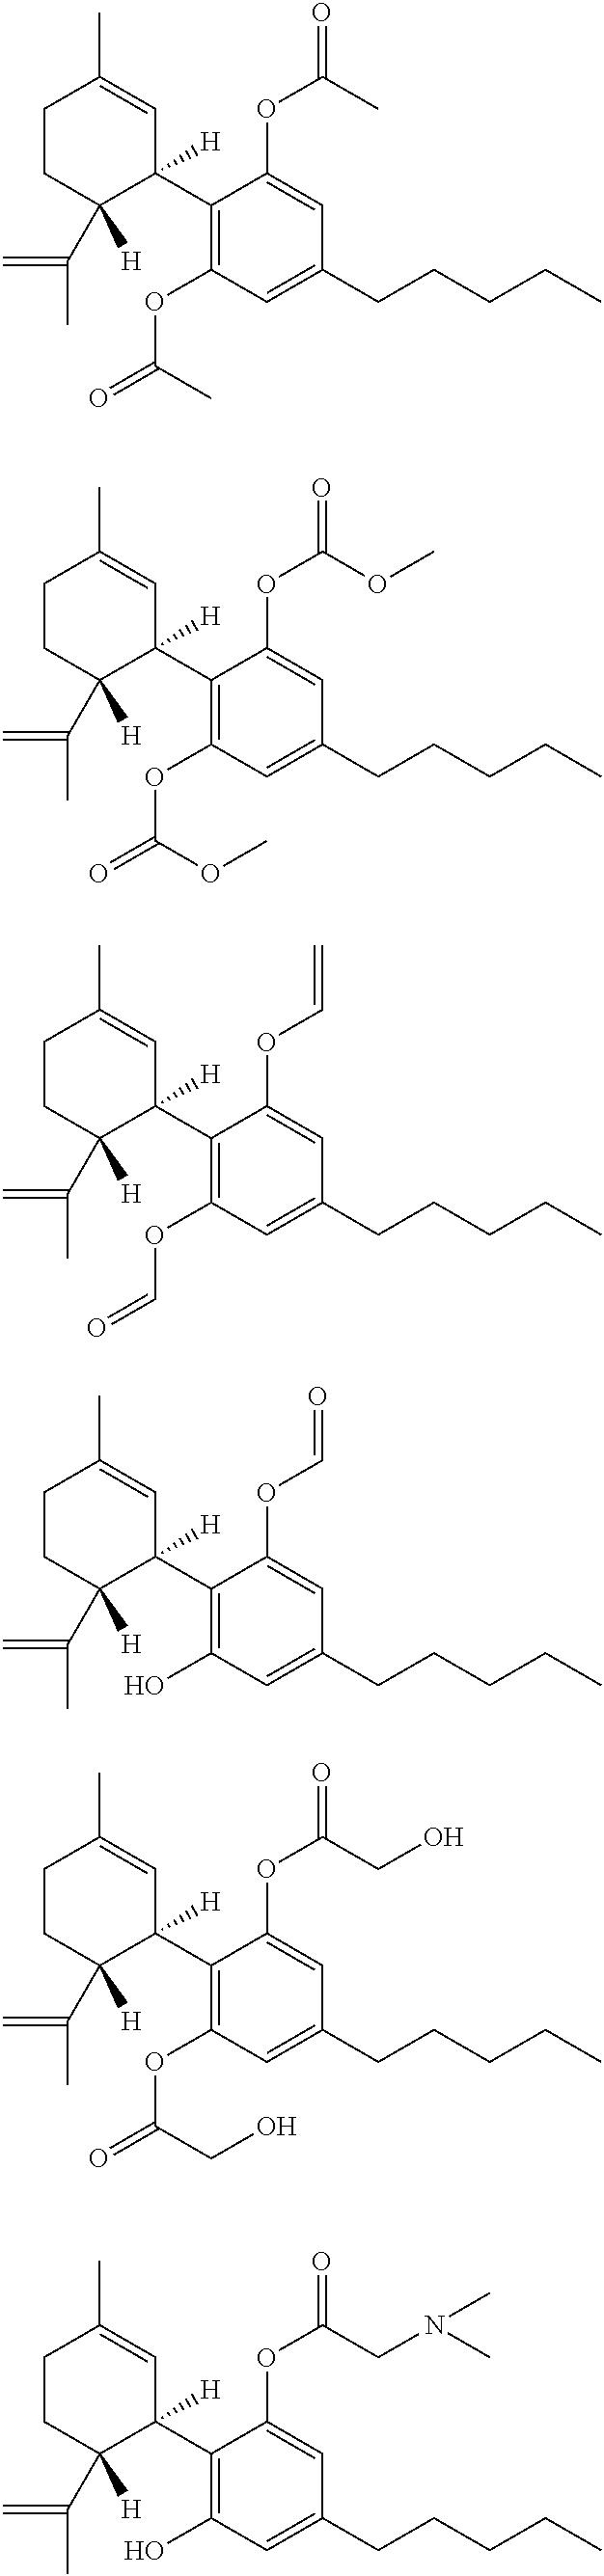 Figure US20110052694A1-20110303-C00005